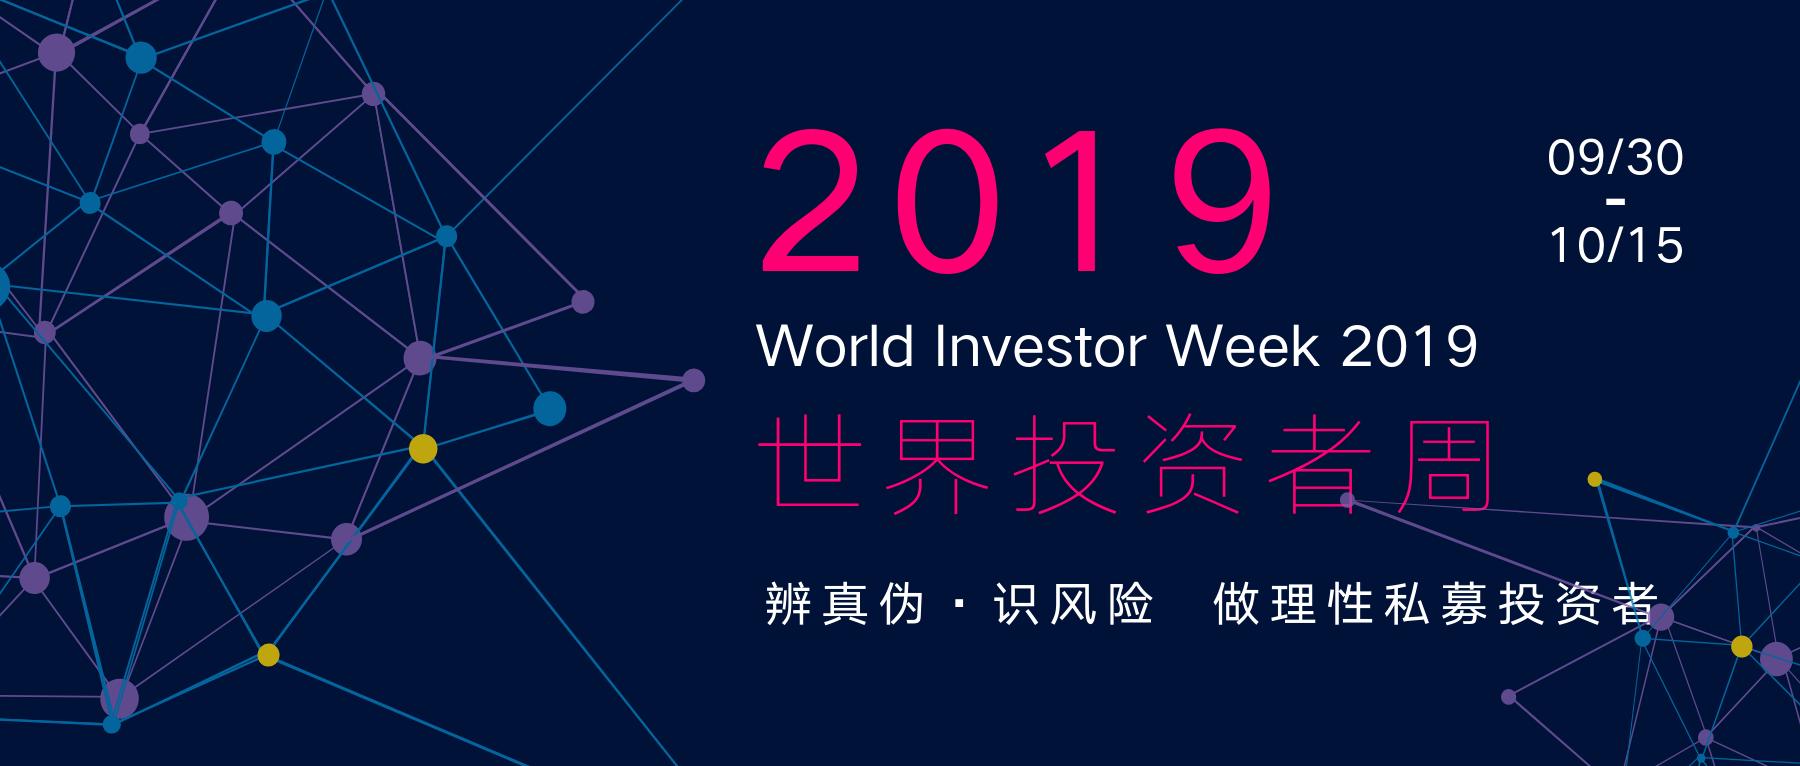 2019世界投资者周微信公众号封面.png